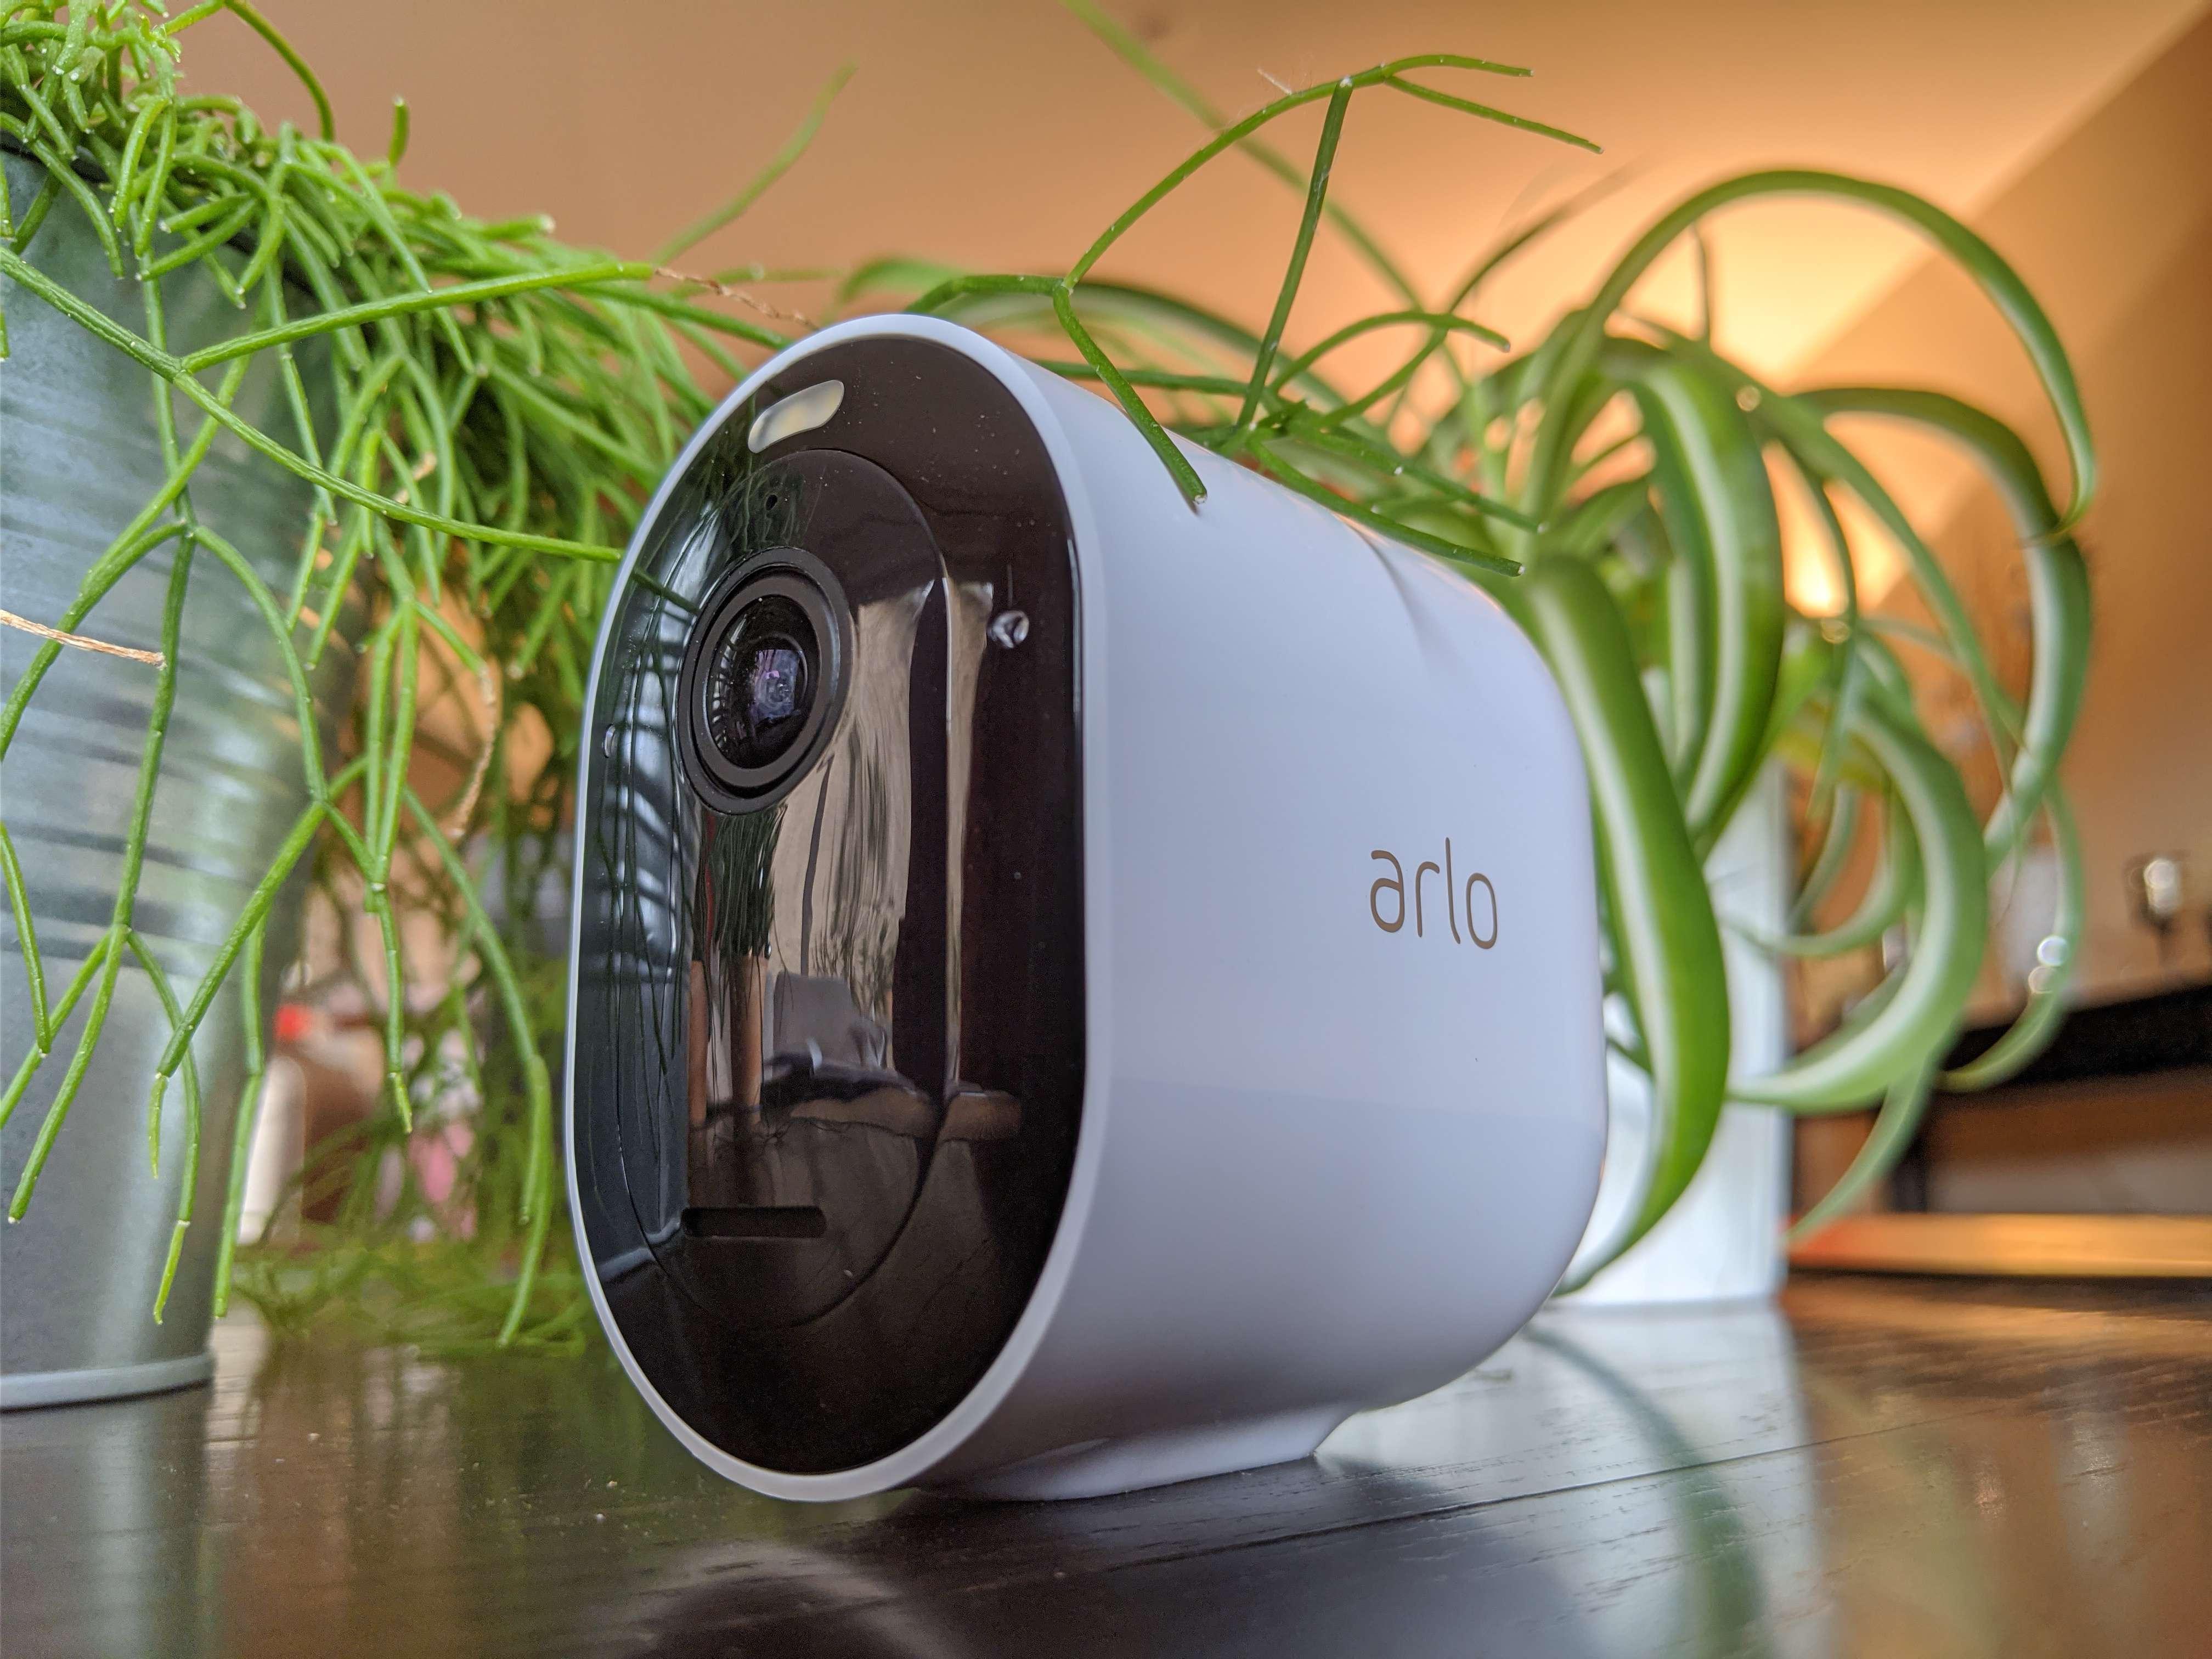 Test de l'Arlo Pro 3 : deux mois avec la caméra de surveillance sans fil par excellence